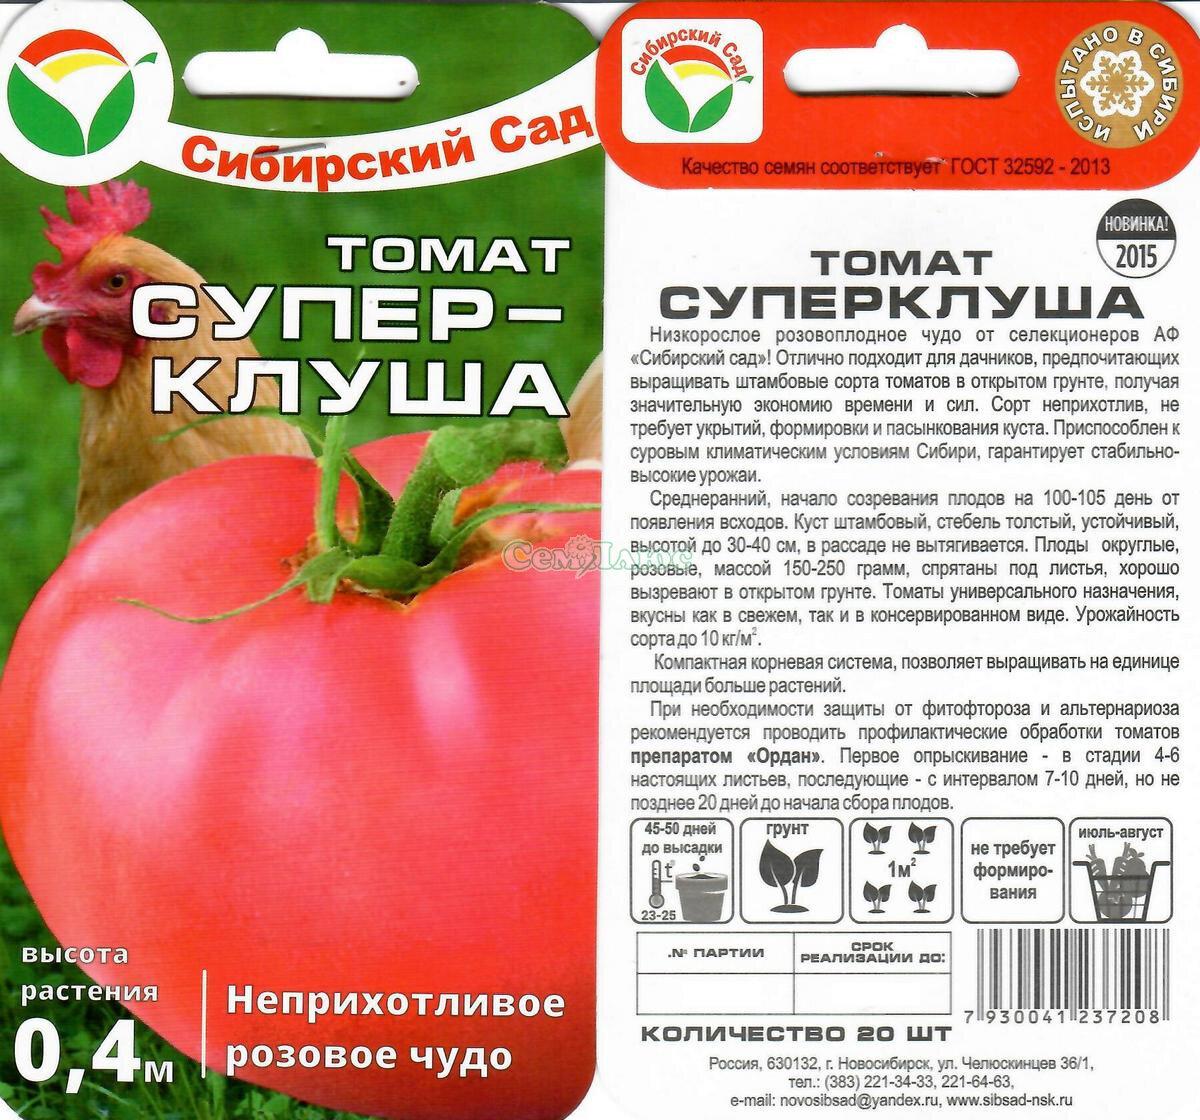 Томат клуша: описание сорта, отзывы, фото   tomatland.ru